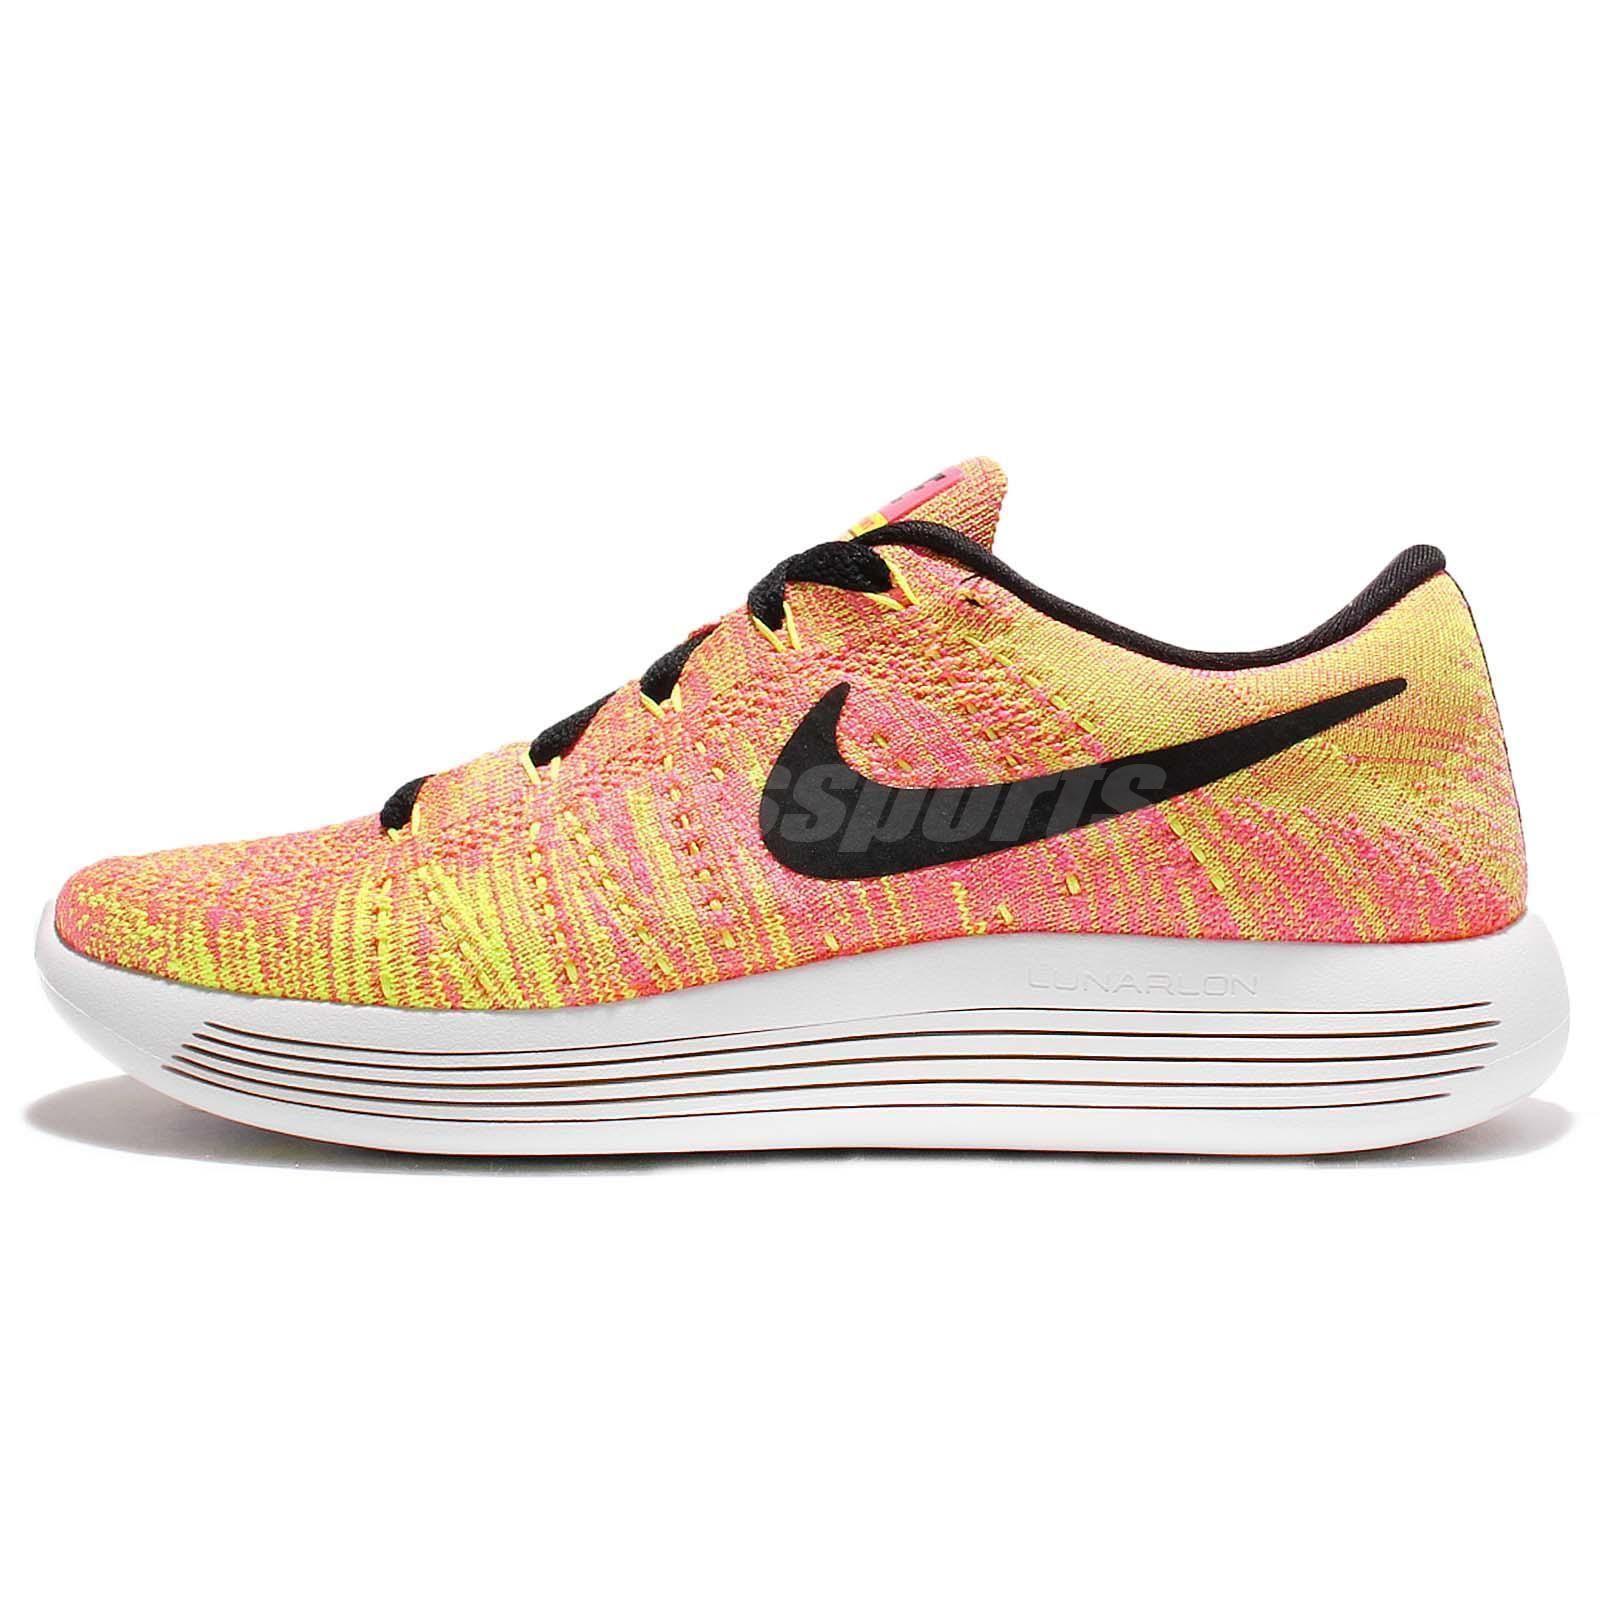 aa167f31277b4 Wmns Nike Lunarepic Low Flyknit Oc Unlimited Olympic Multicolor Women  844863-999